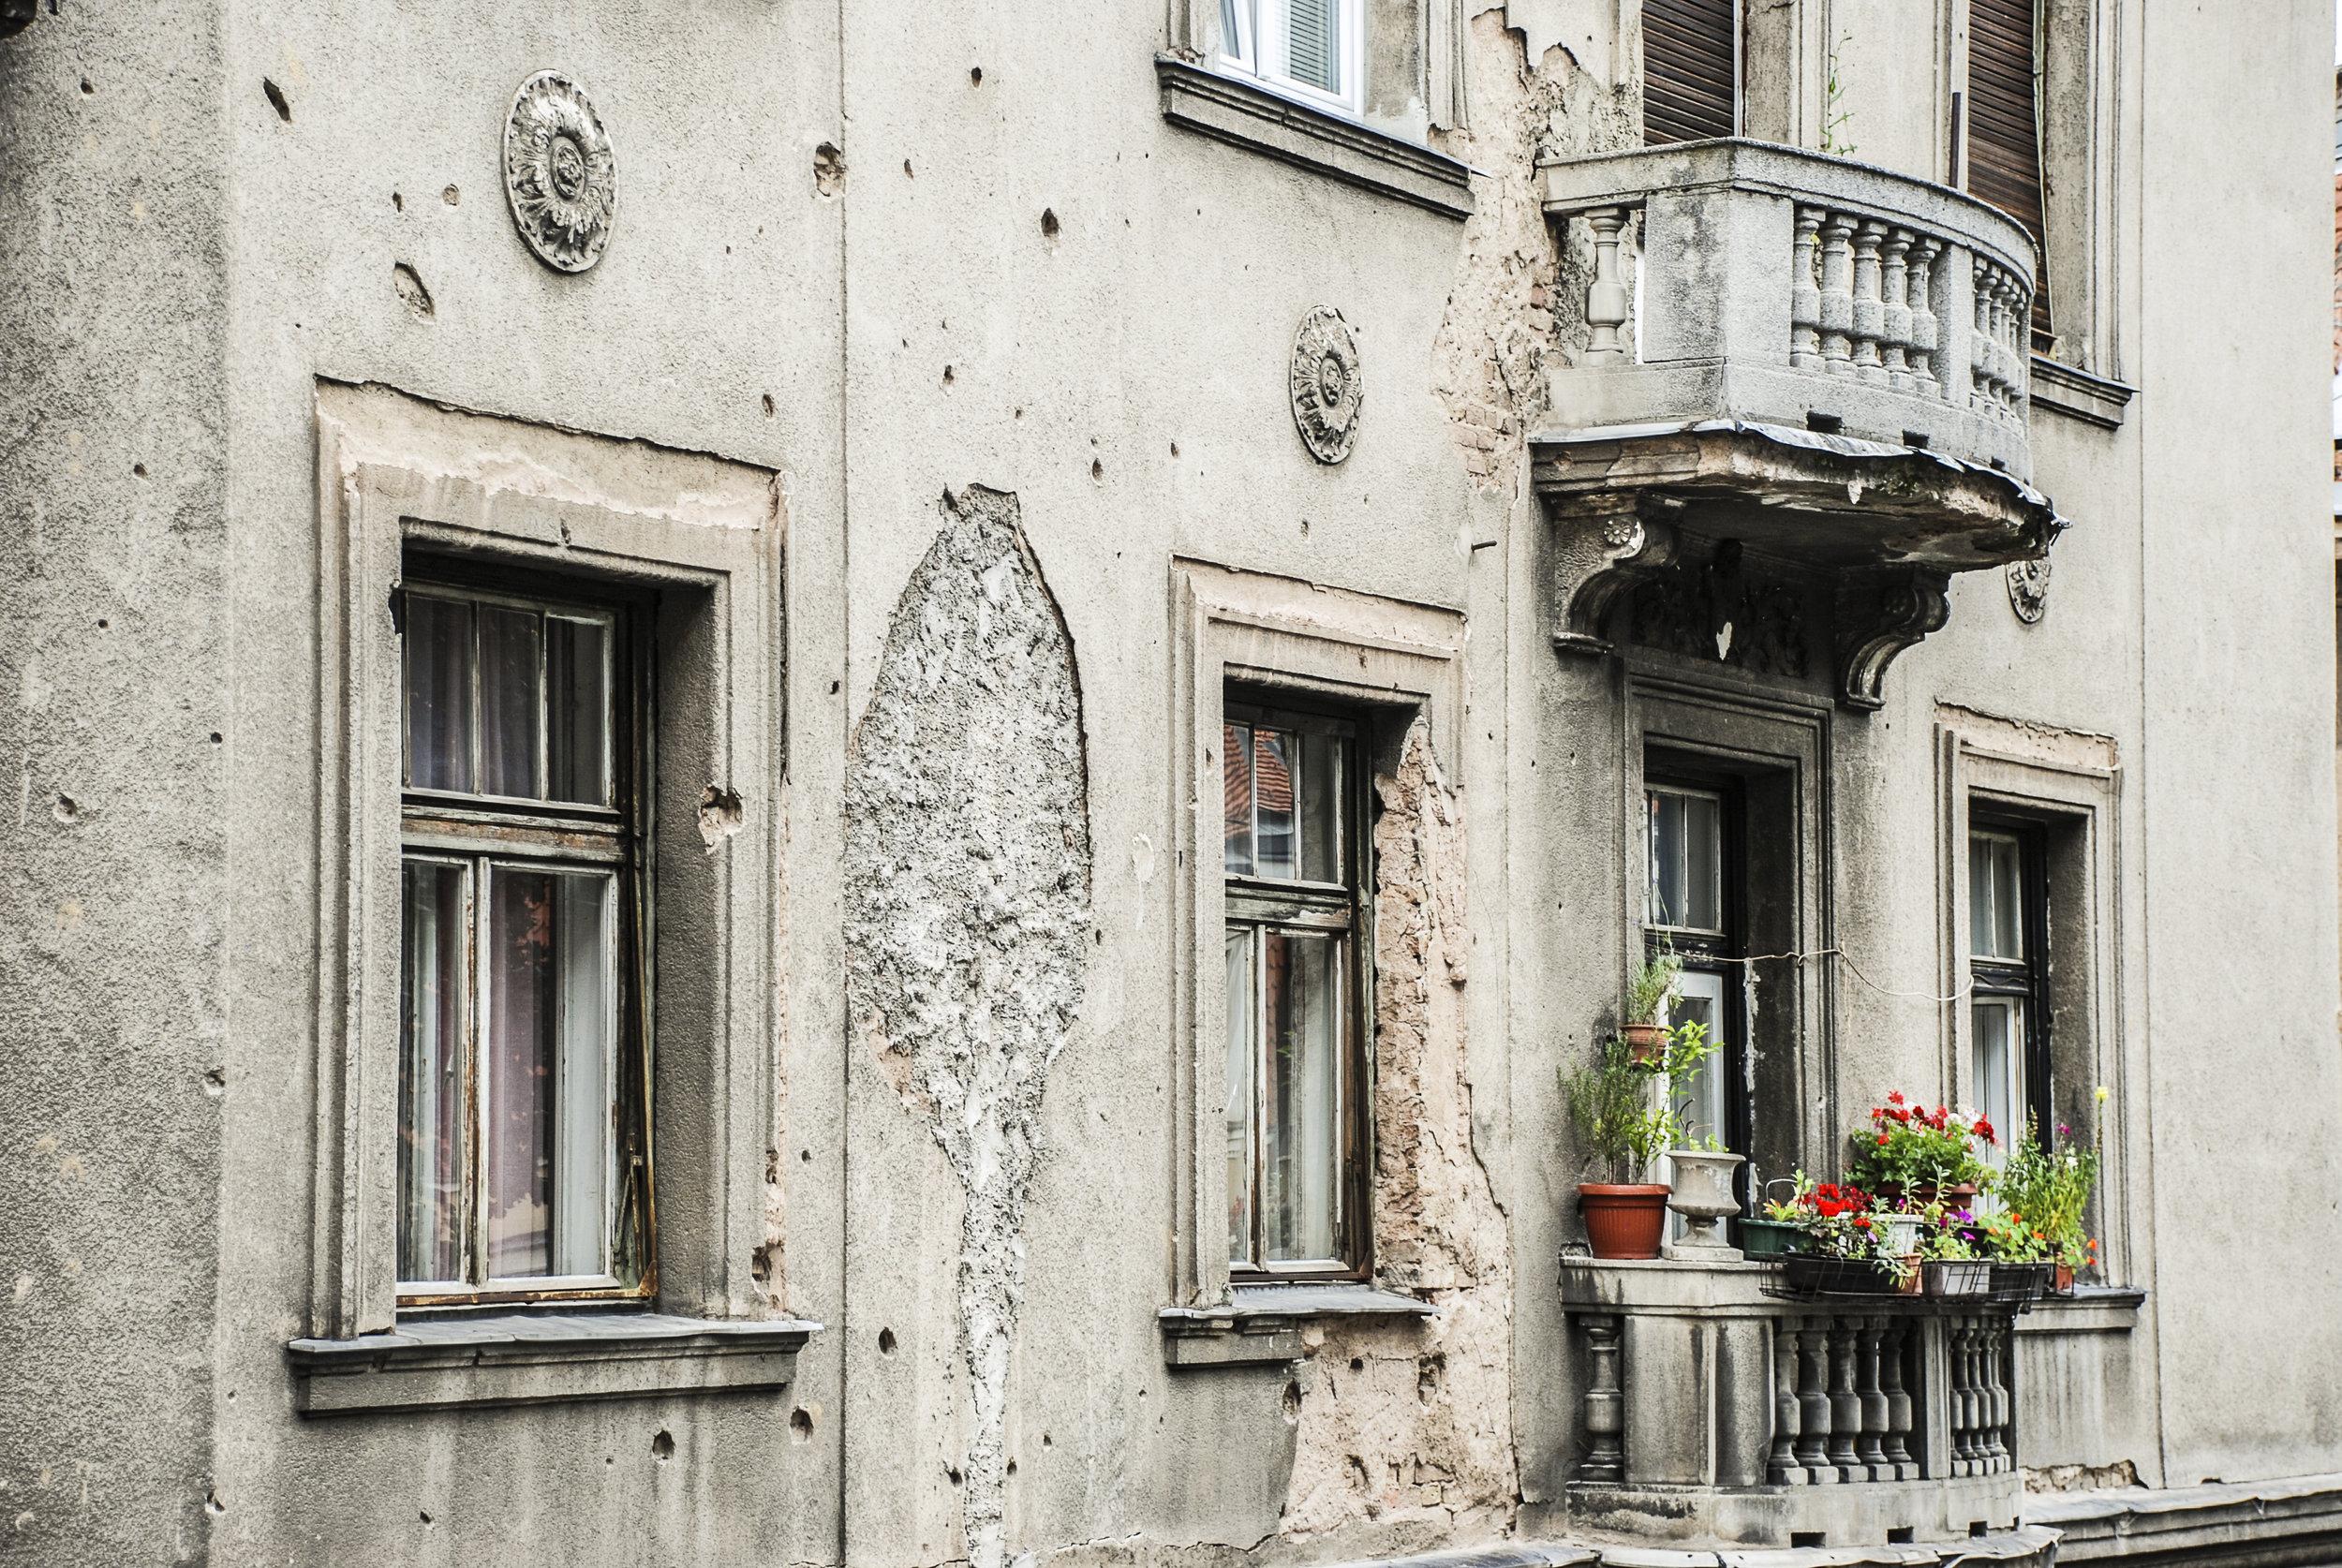 Sarajevo_culturekeeper_rice_peyrous-0456.jpg